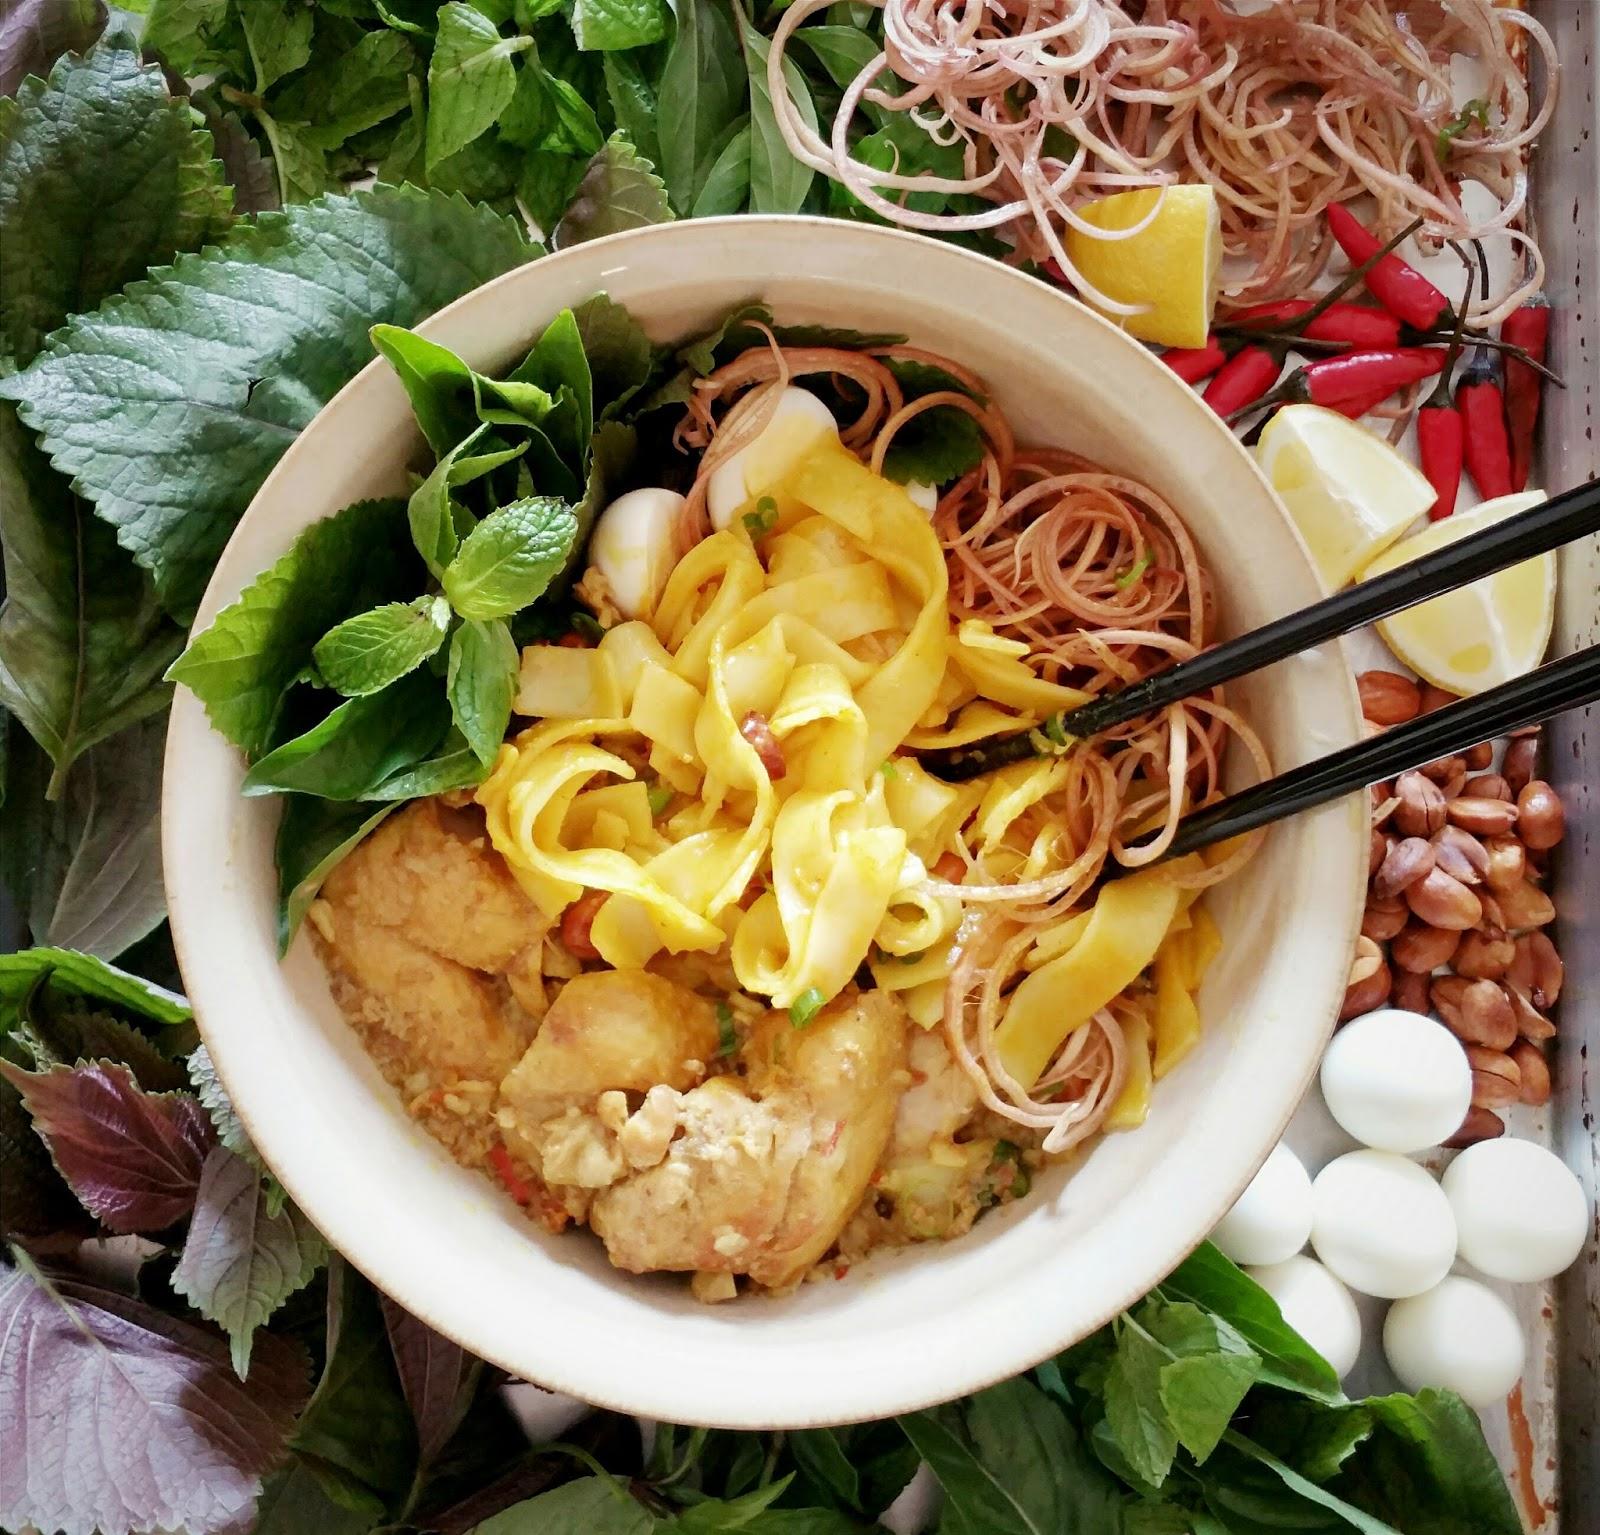 Nguyên liệu tạo nên tô mì quảng được chọn lựa tỉ mỉ, kỹ càng và luôn tươi ngon mang đậm hương vị xứ Quảng